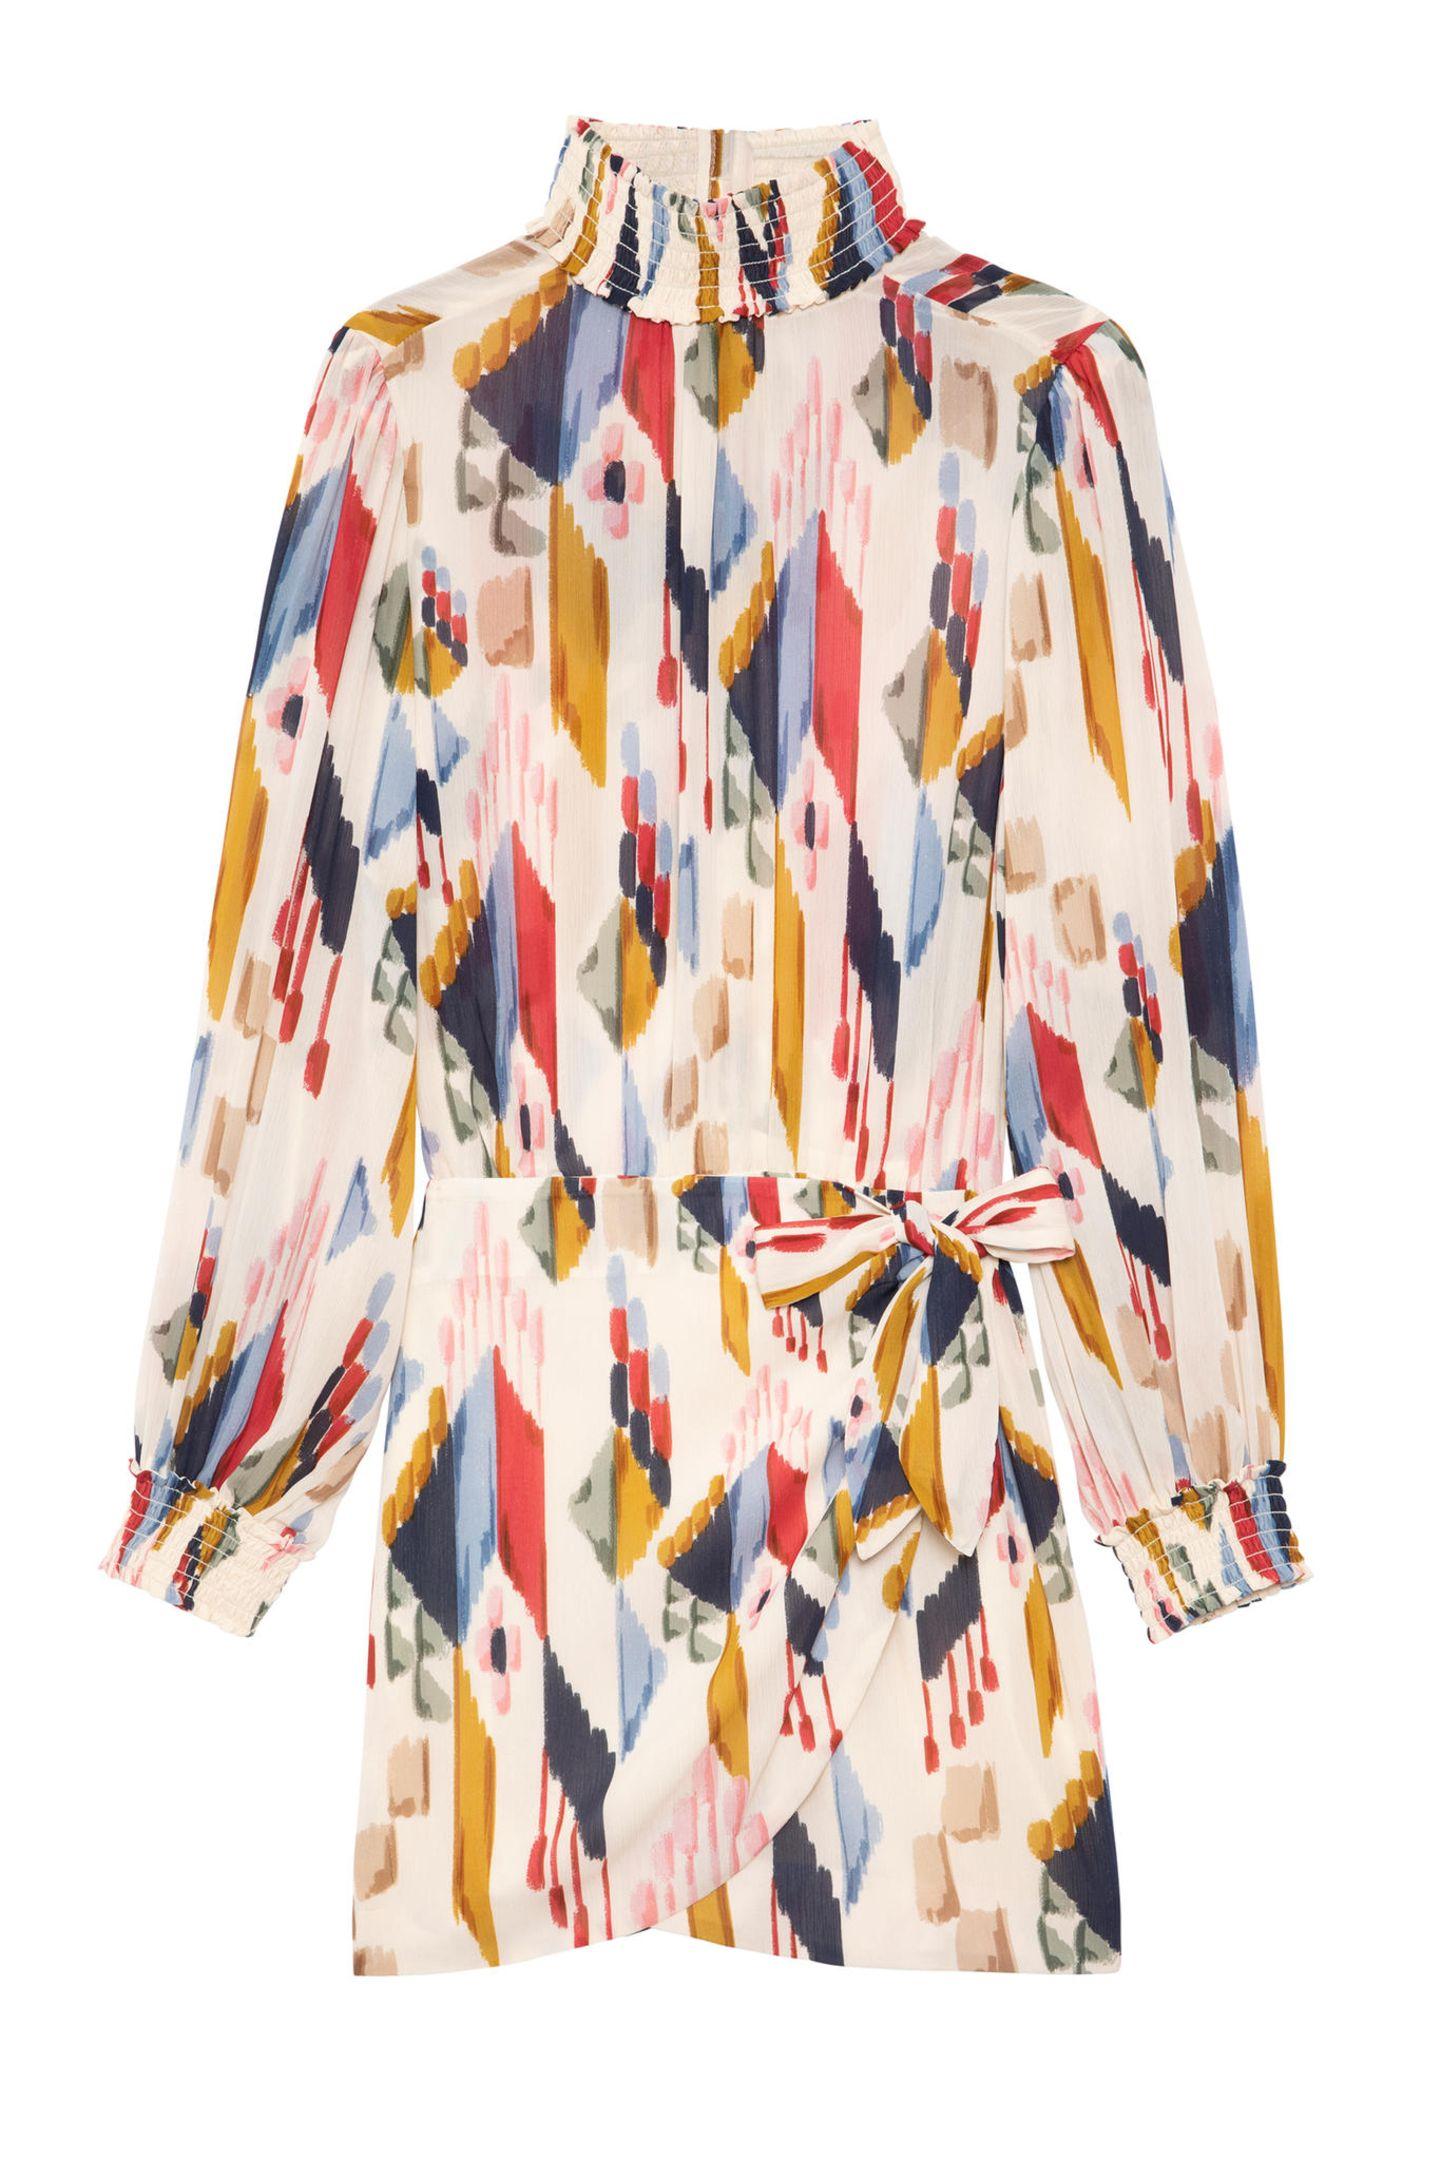 Wildes Muster, fließender Schnitt und luftiges Material - dürfen wir vorstellen: Das perfekte Sommerkleid! Von Sézane, ca. 145 Euro.